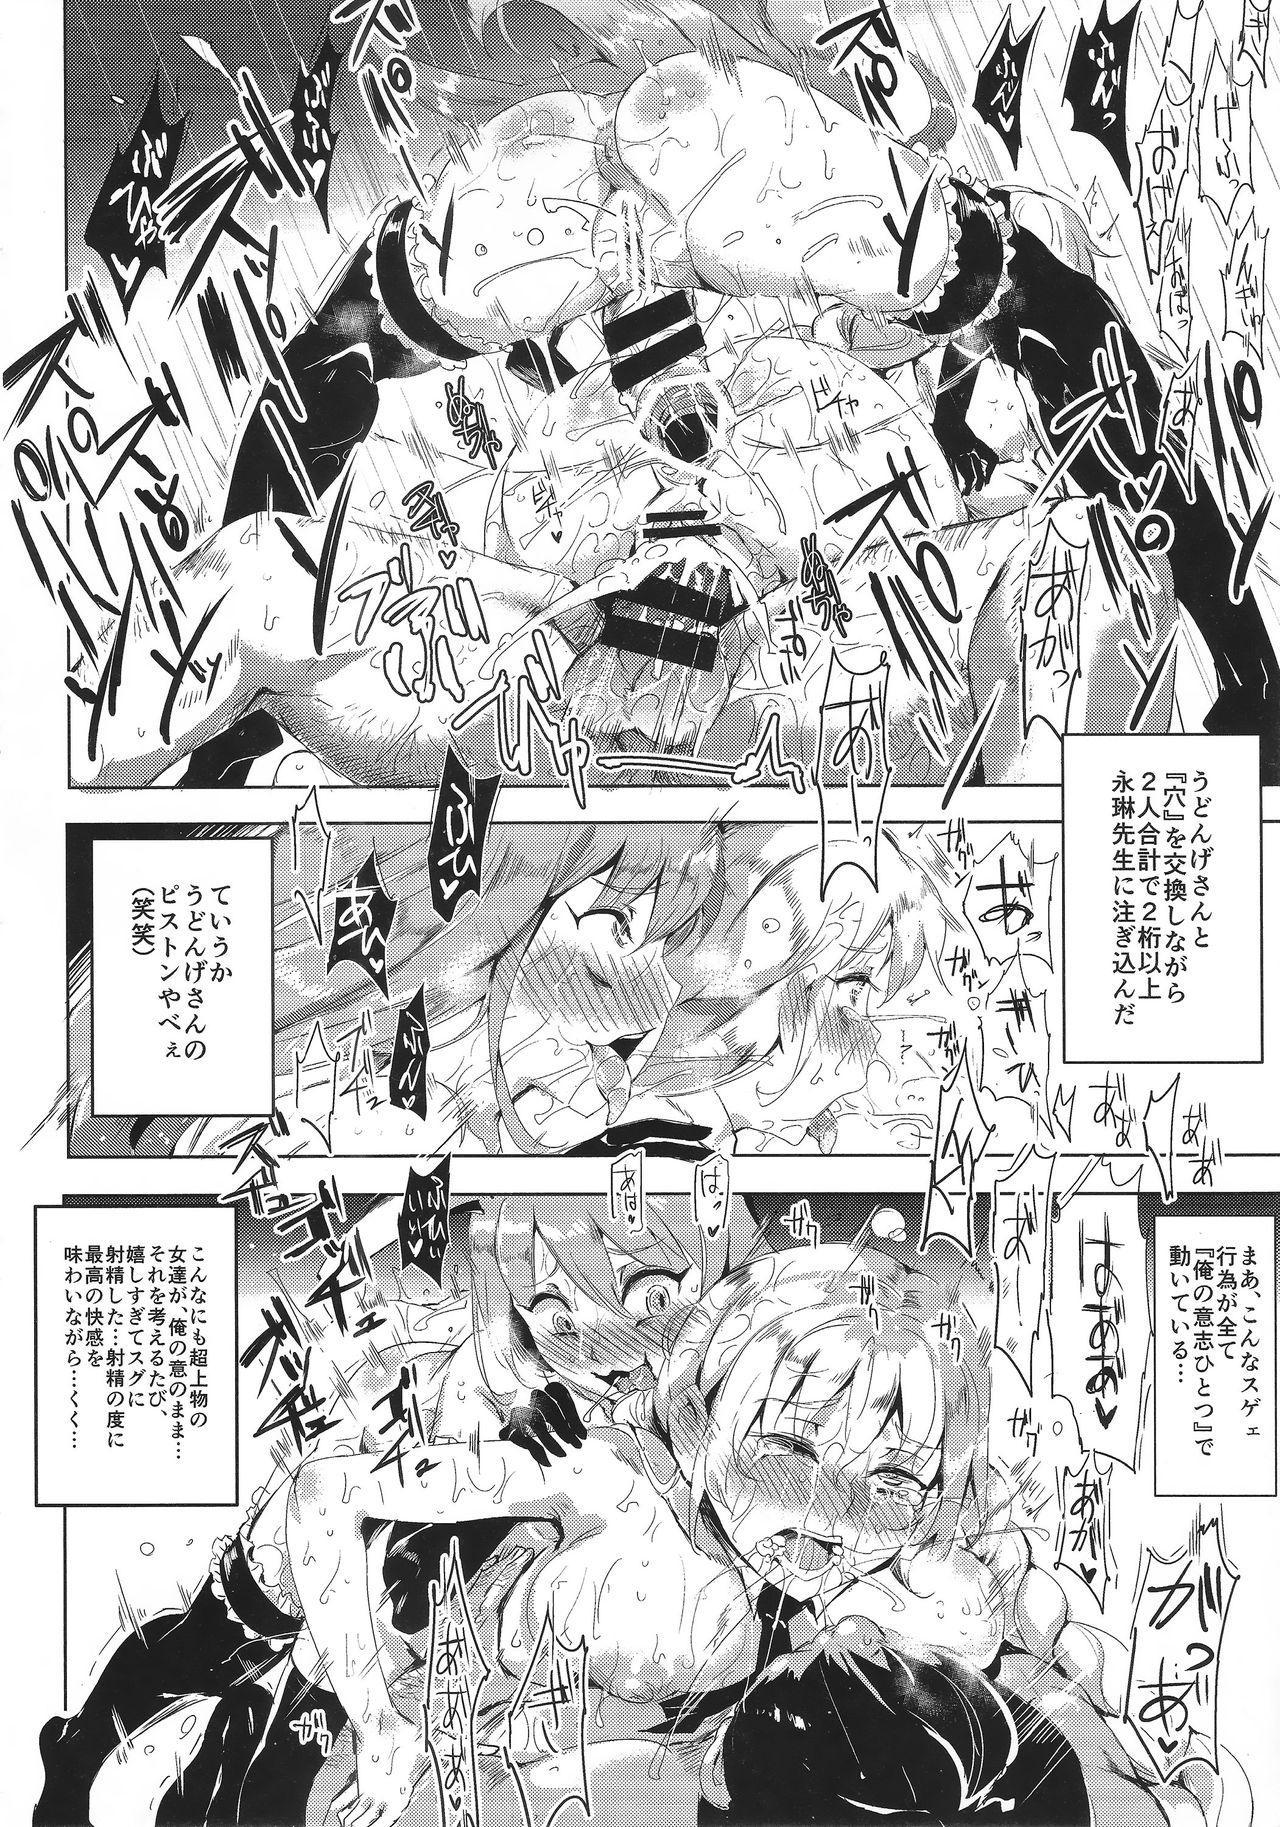 (C87) [Nyuu Koubou (Nyuu)] Oidemase!! Jiyuu Fuuzoku Gensoukyou 2-haku 3-kka no Tabi - Uzuki (Touhou Project) 22